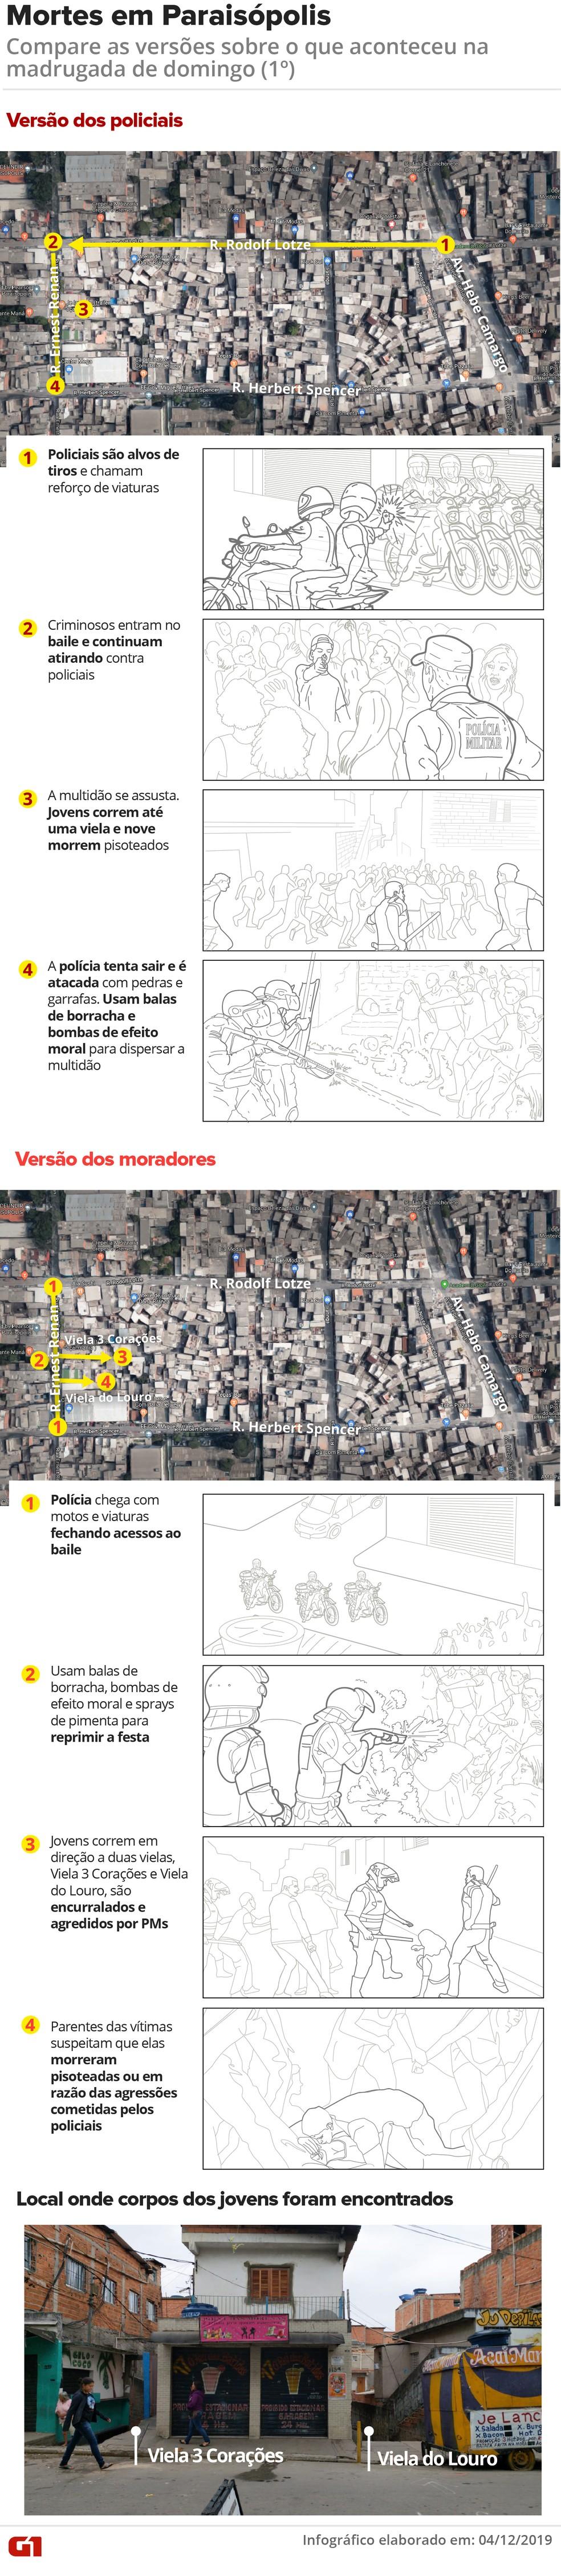 Imagens acima mostram versões da PM e dos moradores para as mortes em Paraisópolis — Foto: Arte: Juliane Souza, Guilherme Gomes e Wagner Magalhães/G1